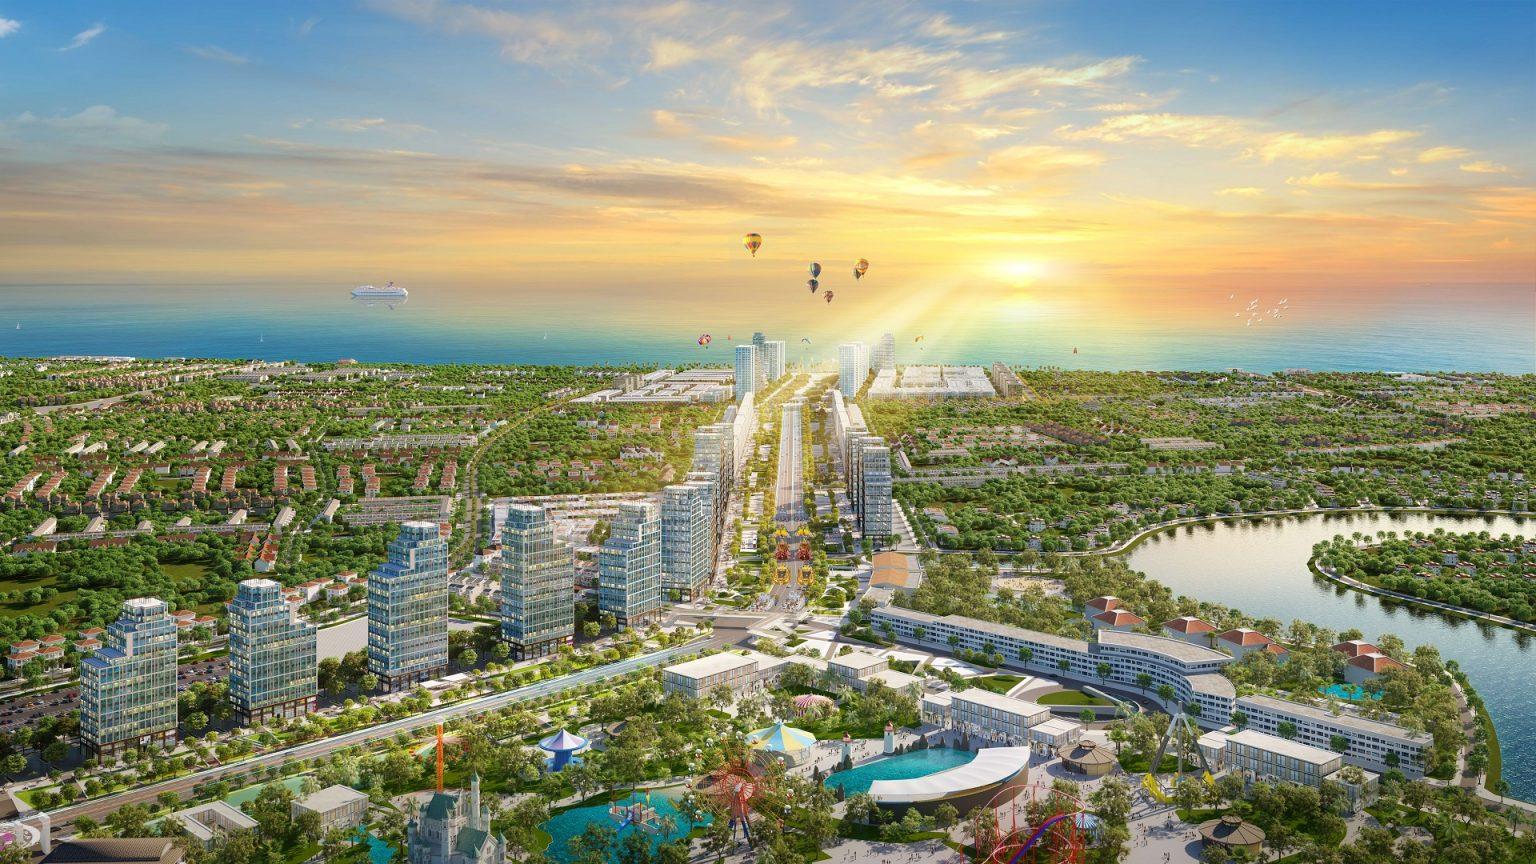 Sungroup Sầm Sơn -Sun Grand Boulevard Thanh hóa 】: Trang Tin Chính Thức  -Thông tin giá bán nhà phố shophouse Biệt thự